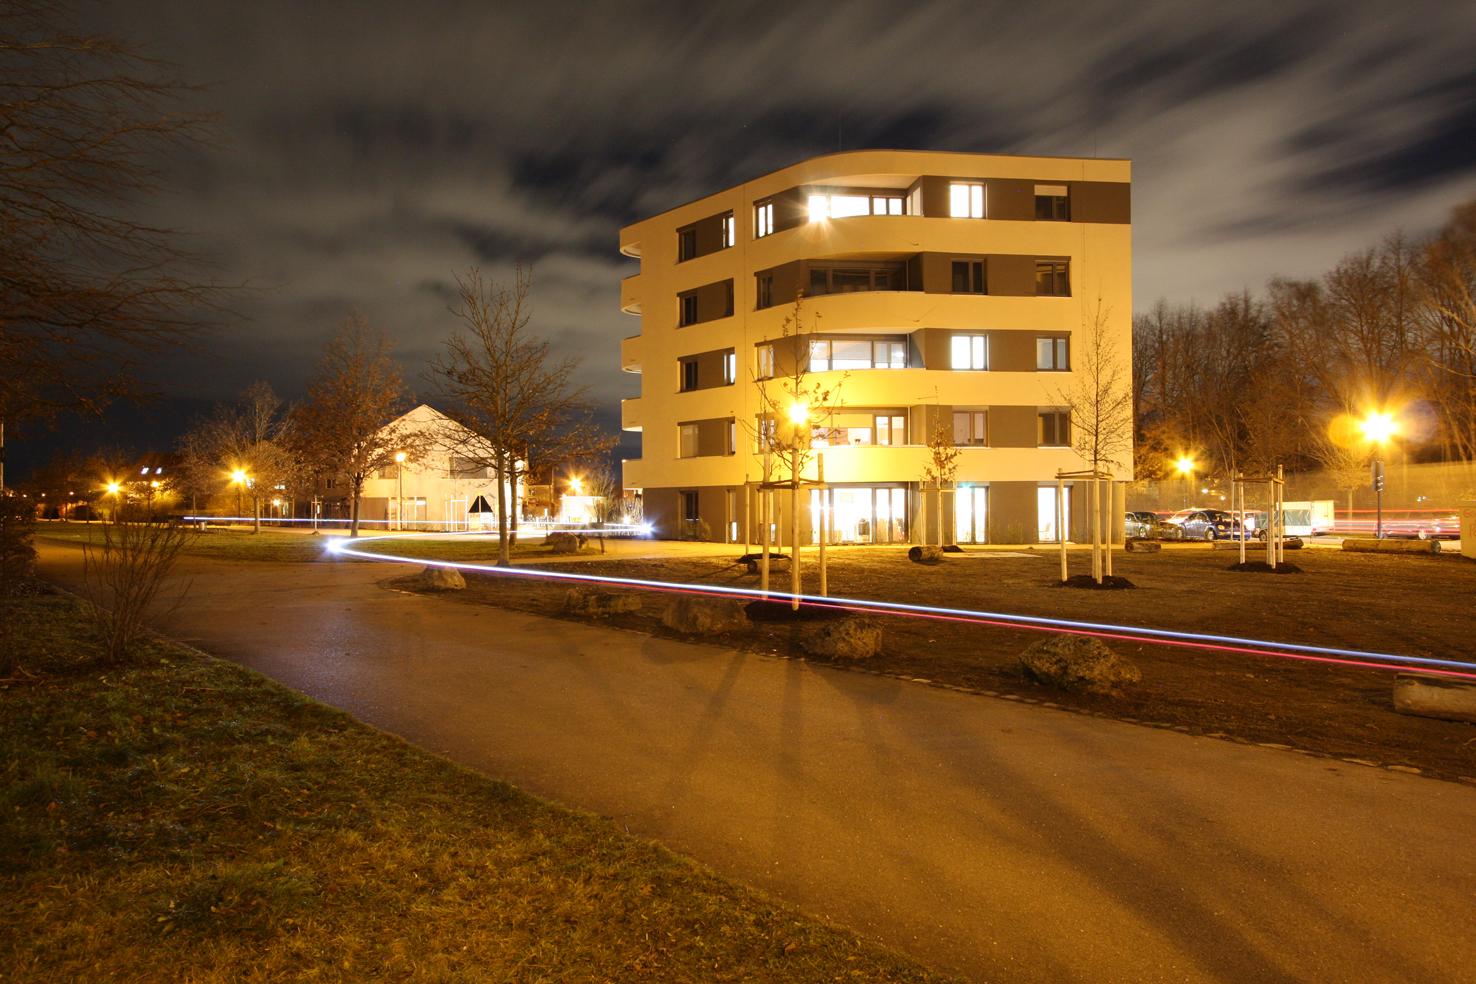 Foto: Höss Amberger + Partner Architekten